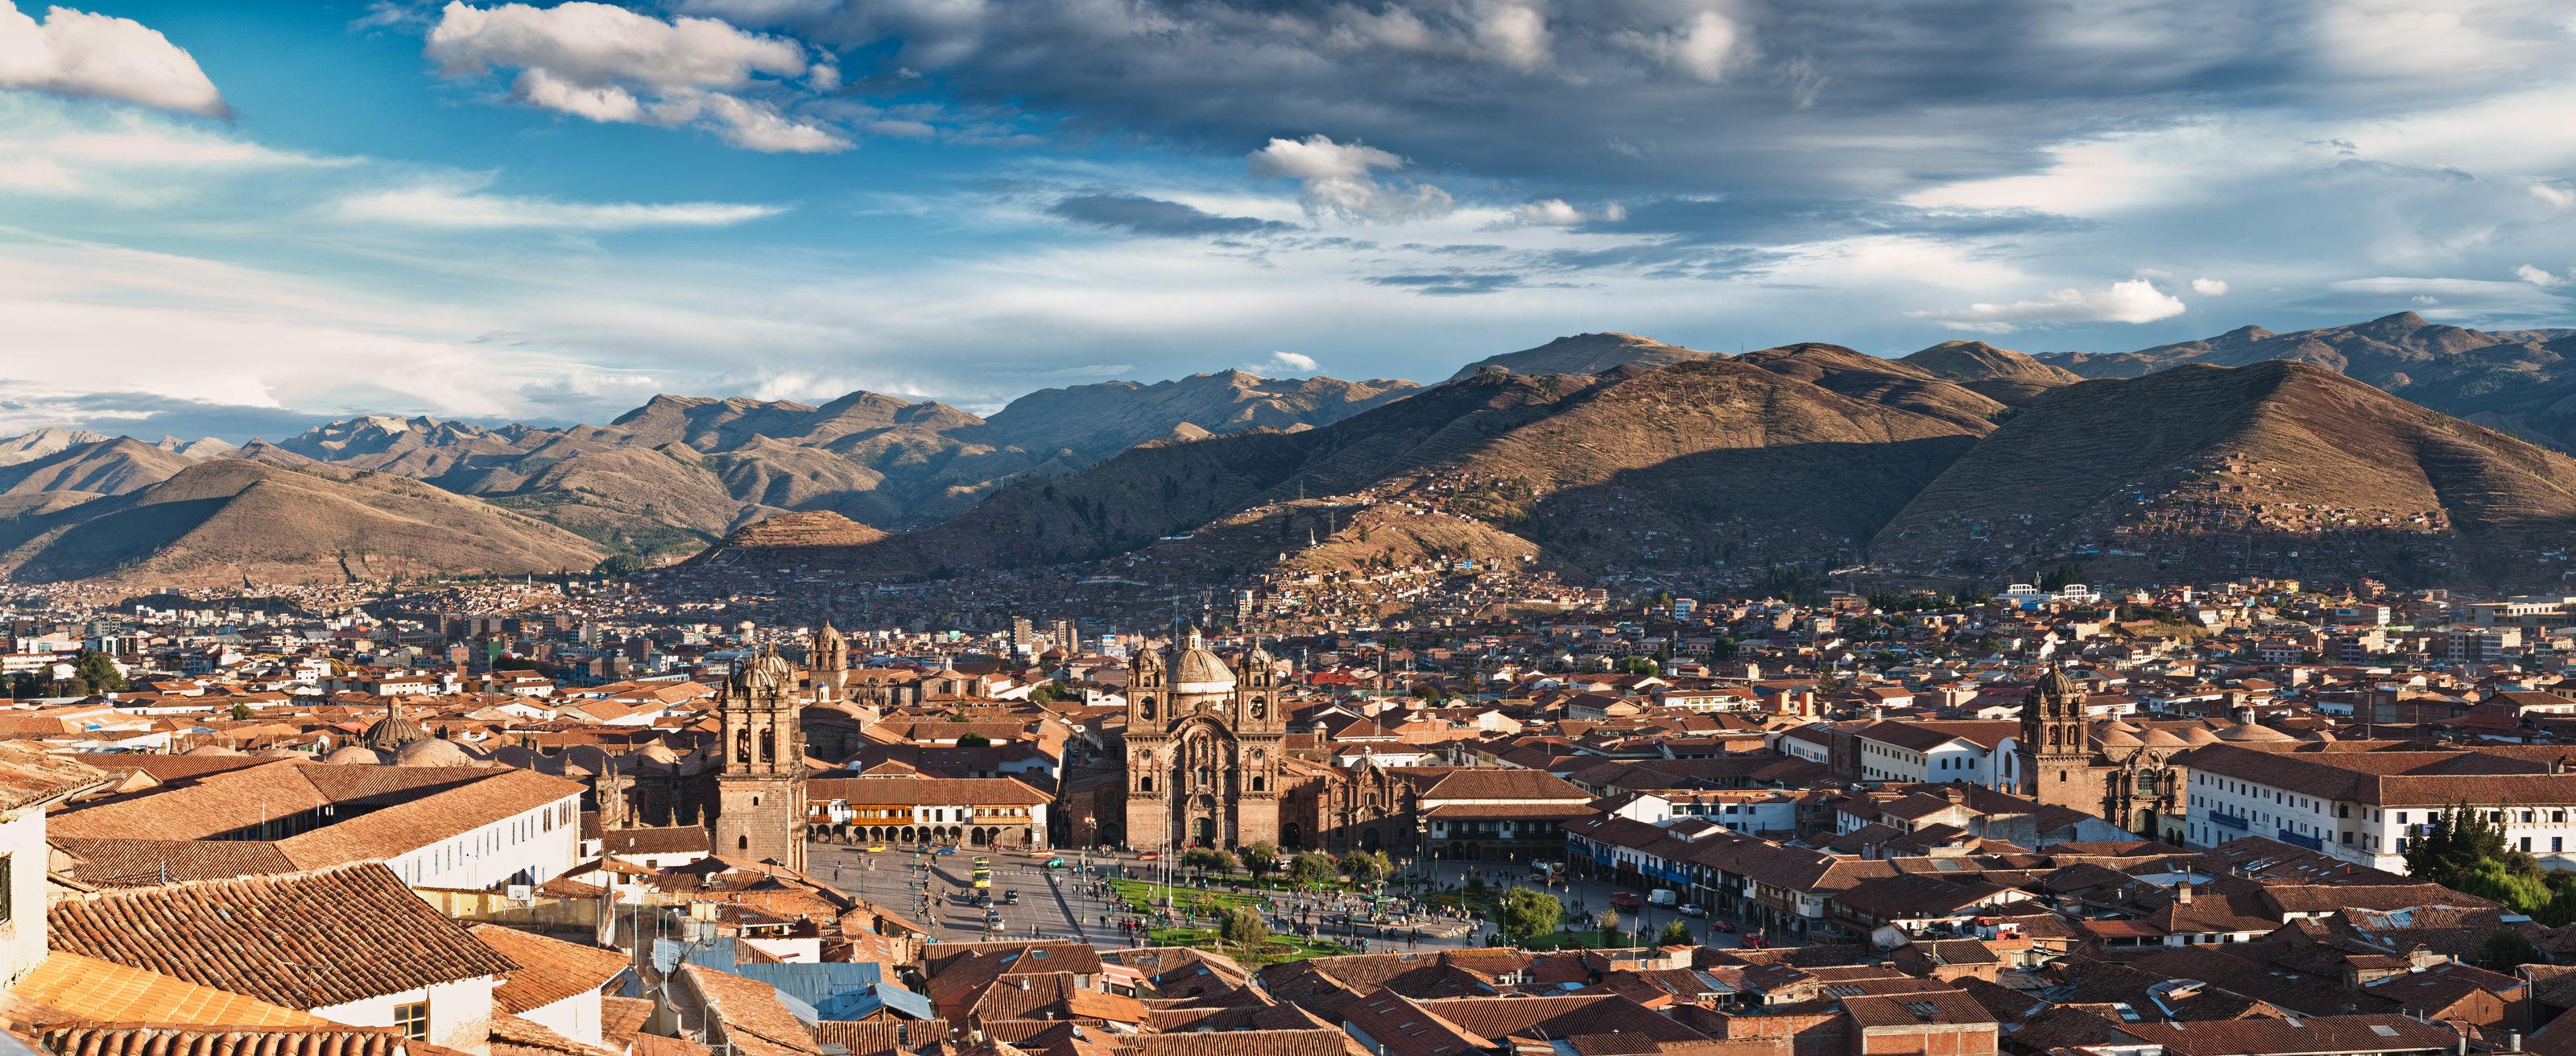 cuzco-aerial-view